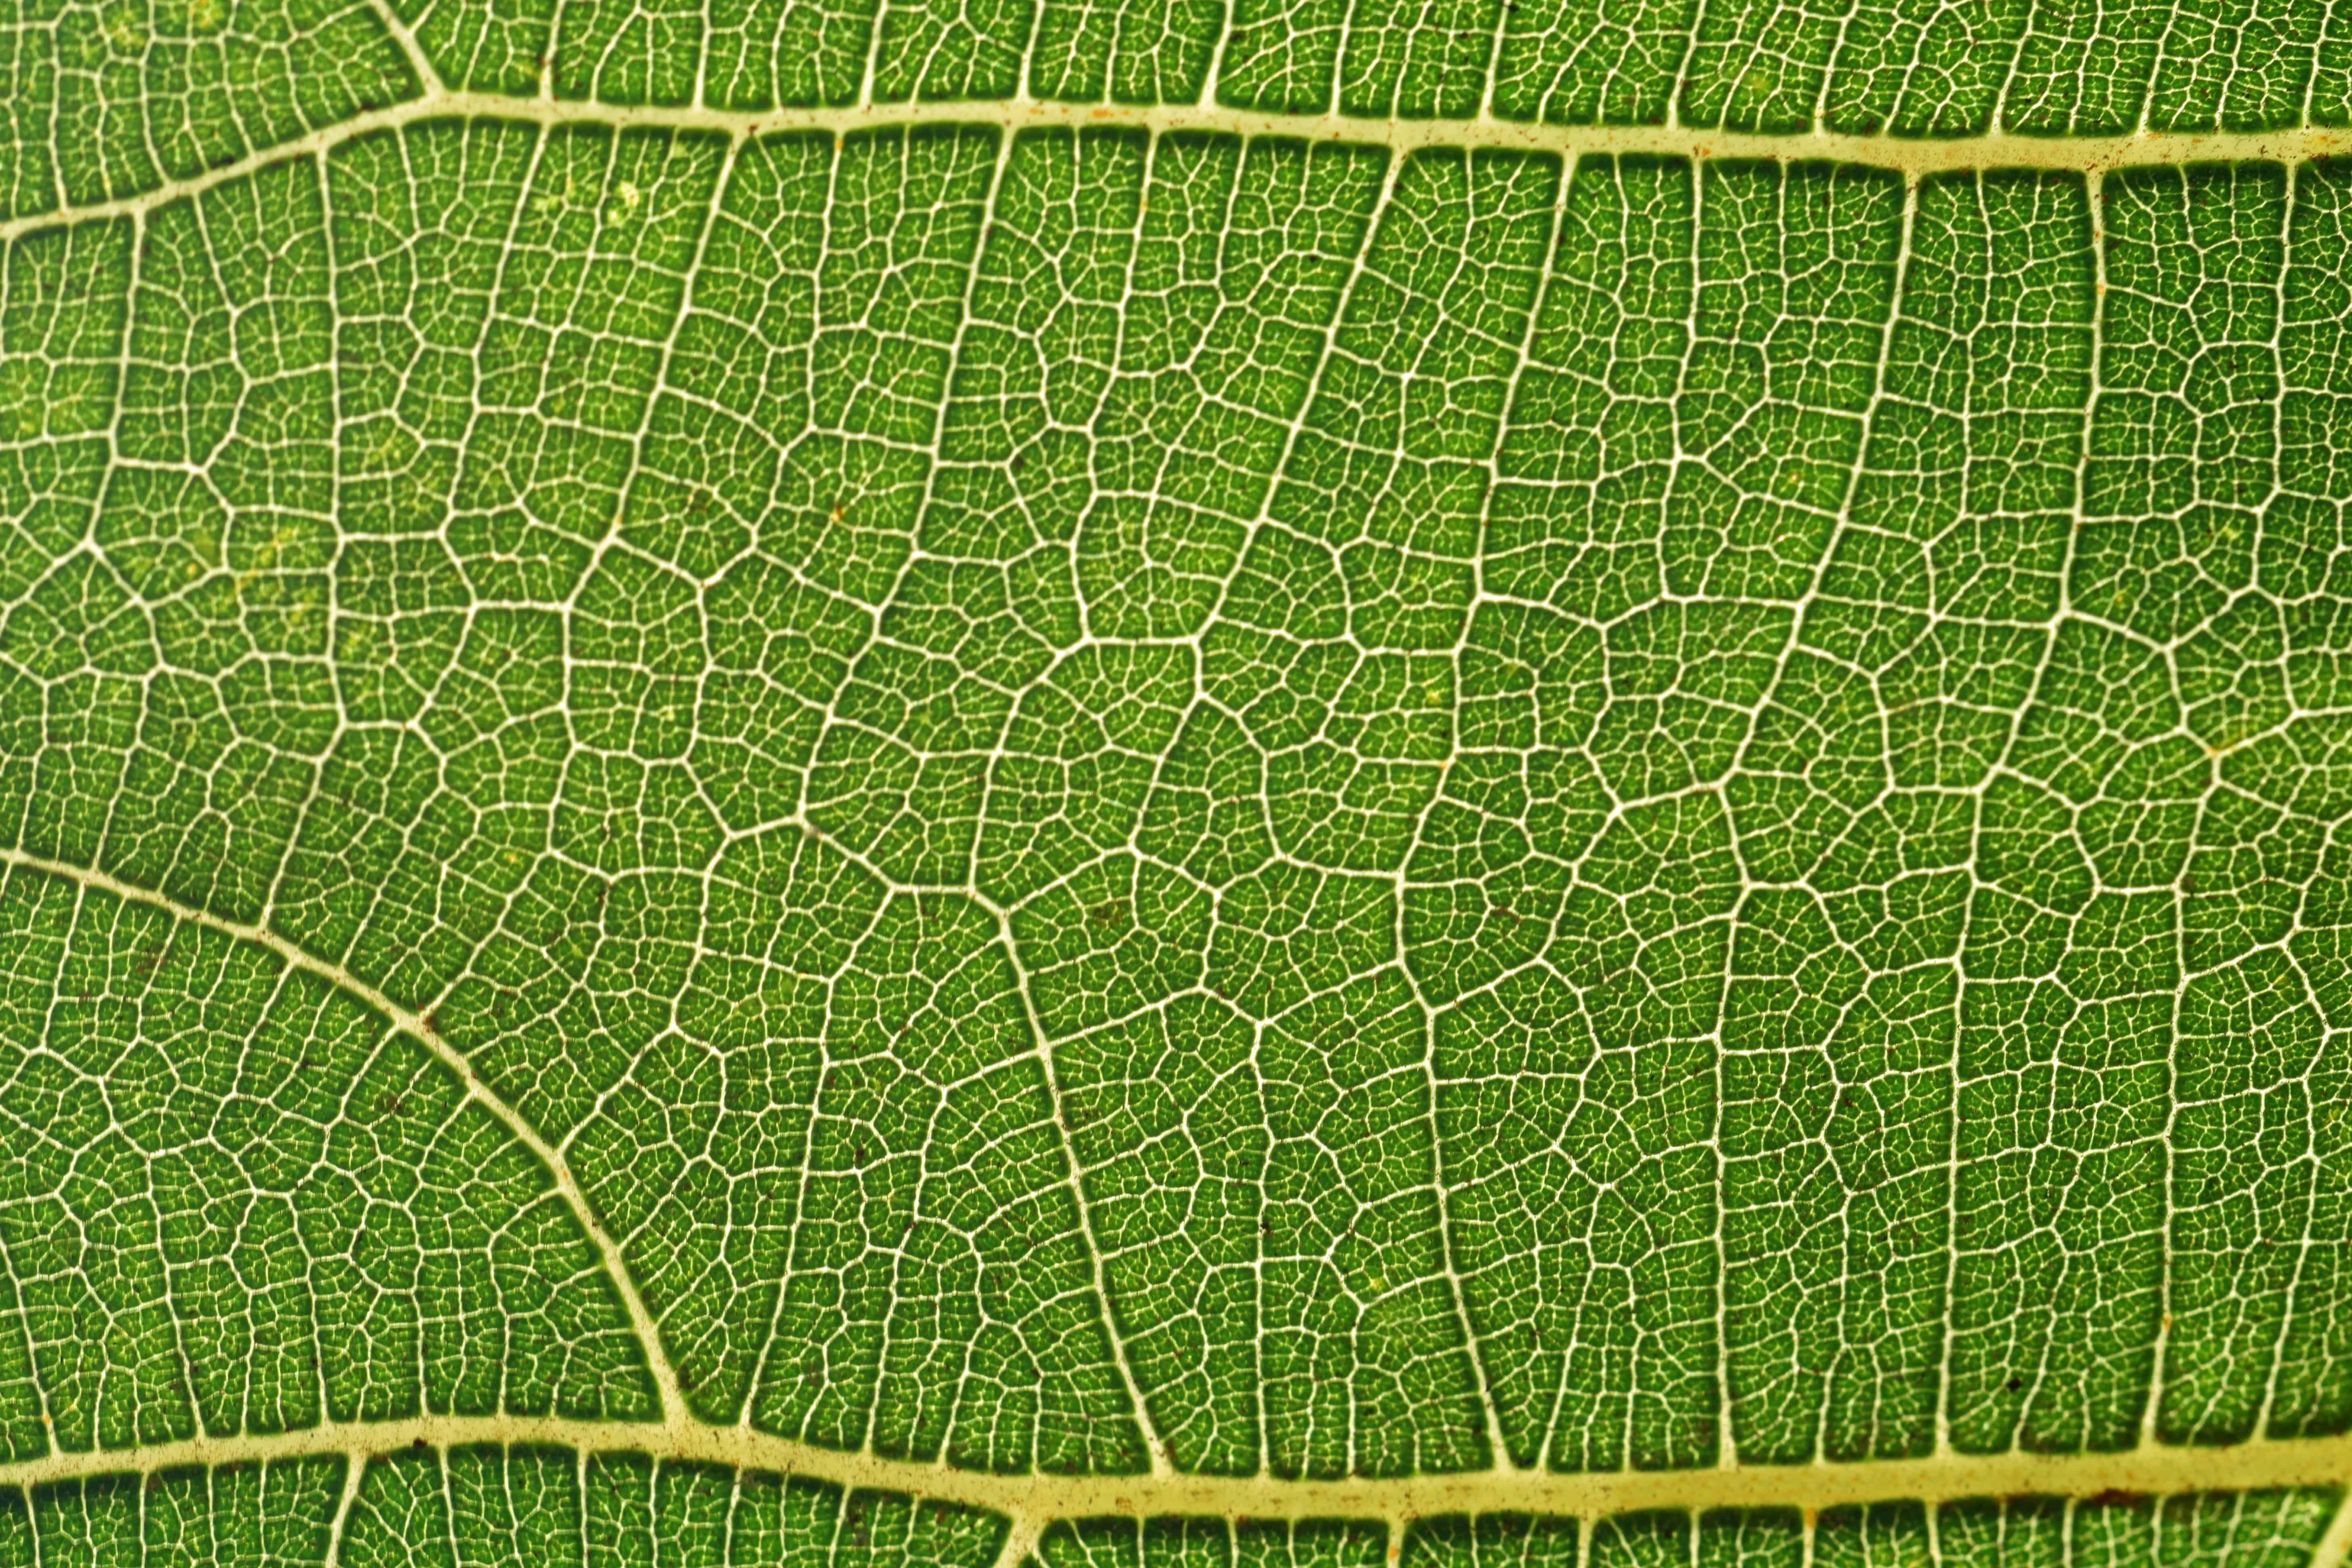 Imagen gratis: flora, hoja verde, patrón, detalles, macro